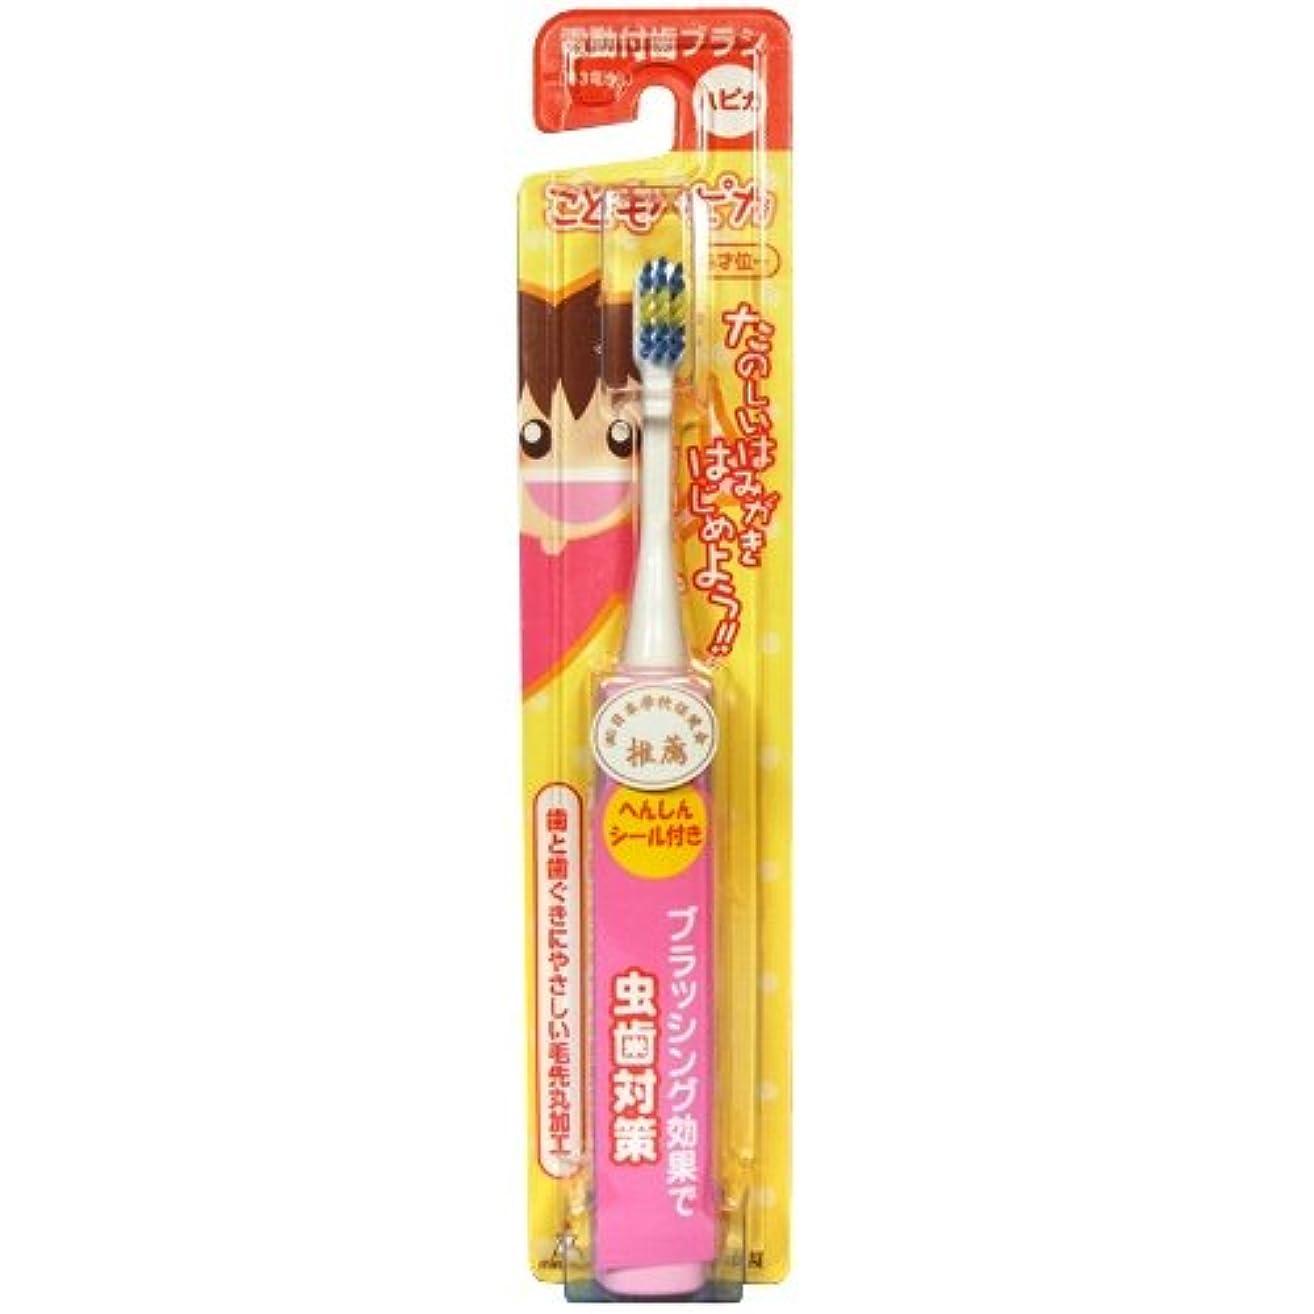 しゃがむ季節地殻ミニマム 電動付歯ブラシ こどもハピカ ピンク 毛の硬さ:やわらかめ DBK-1P(BP)